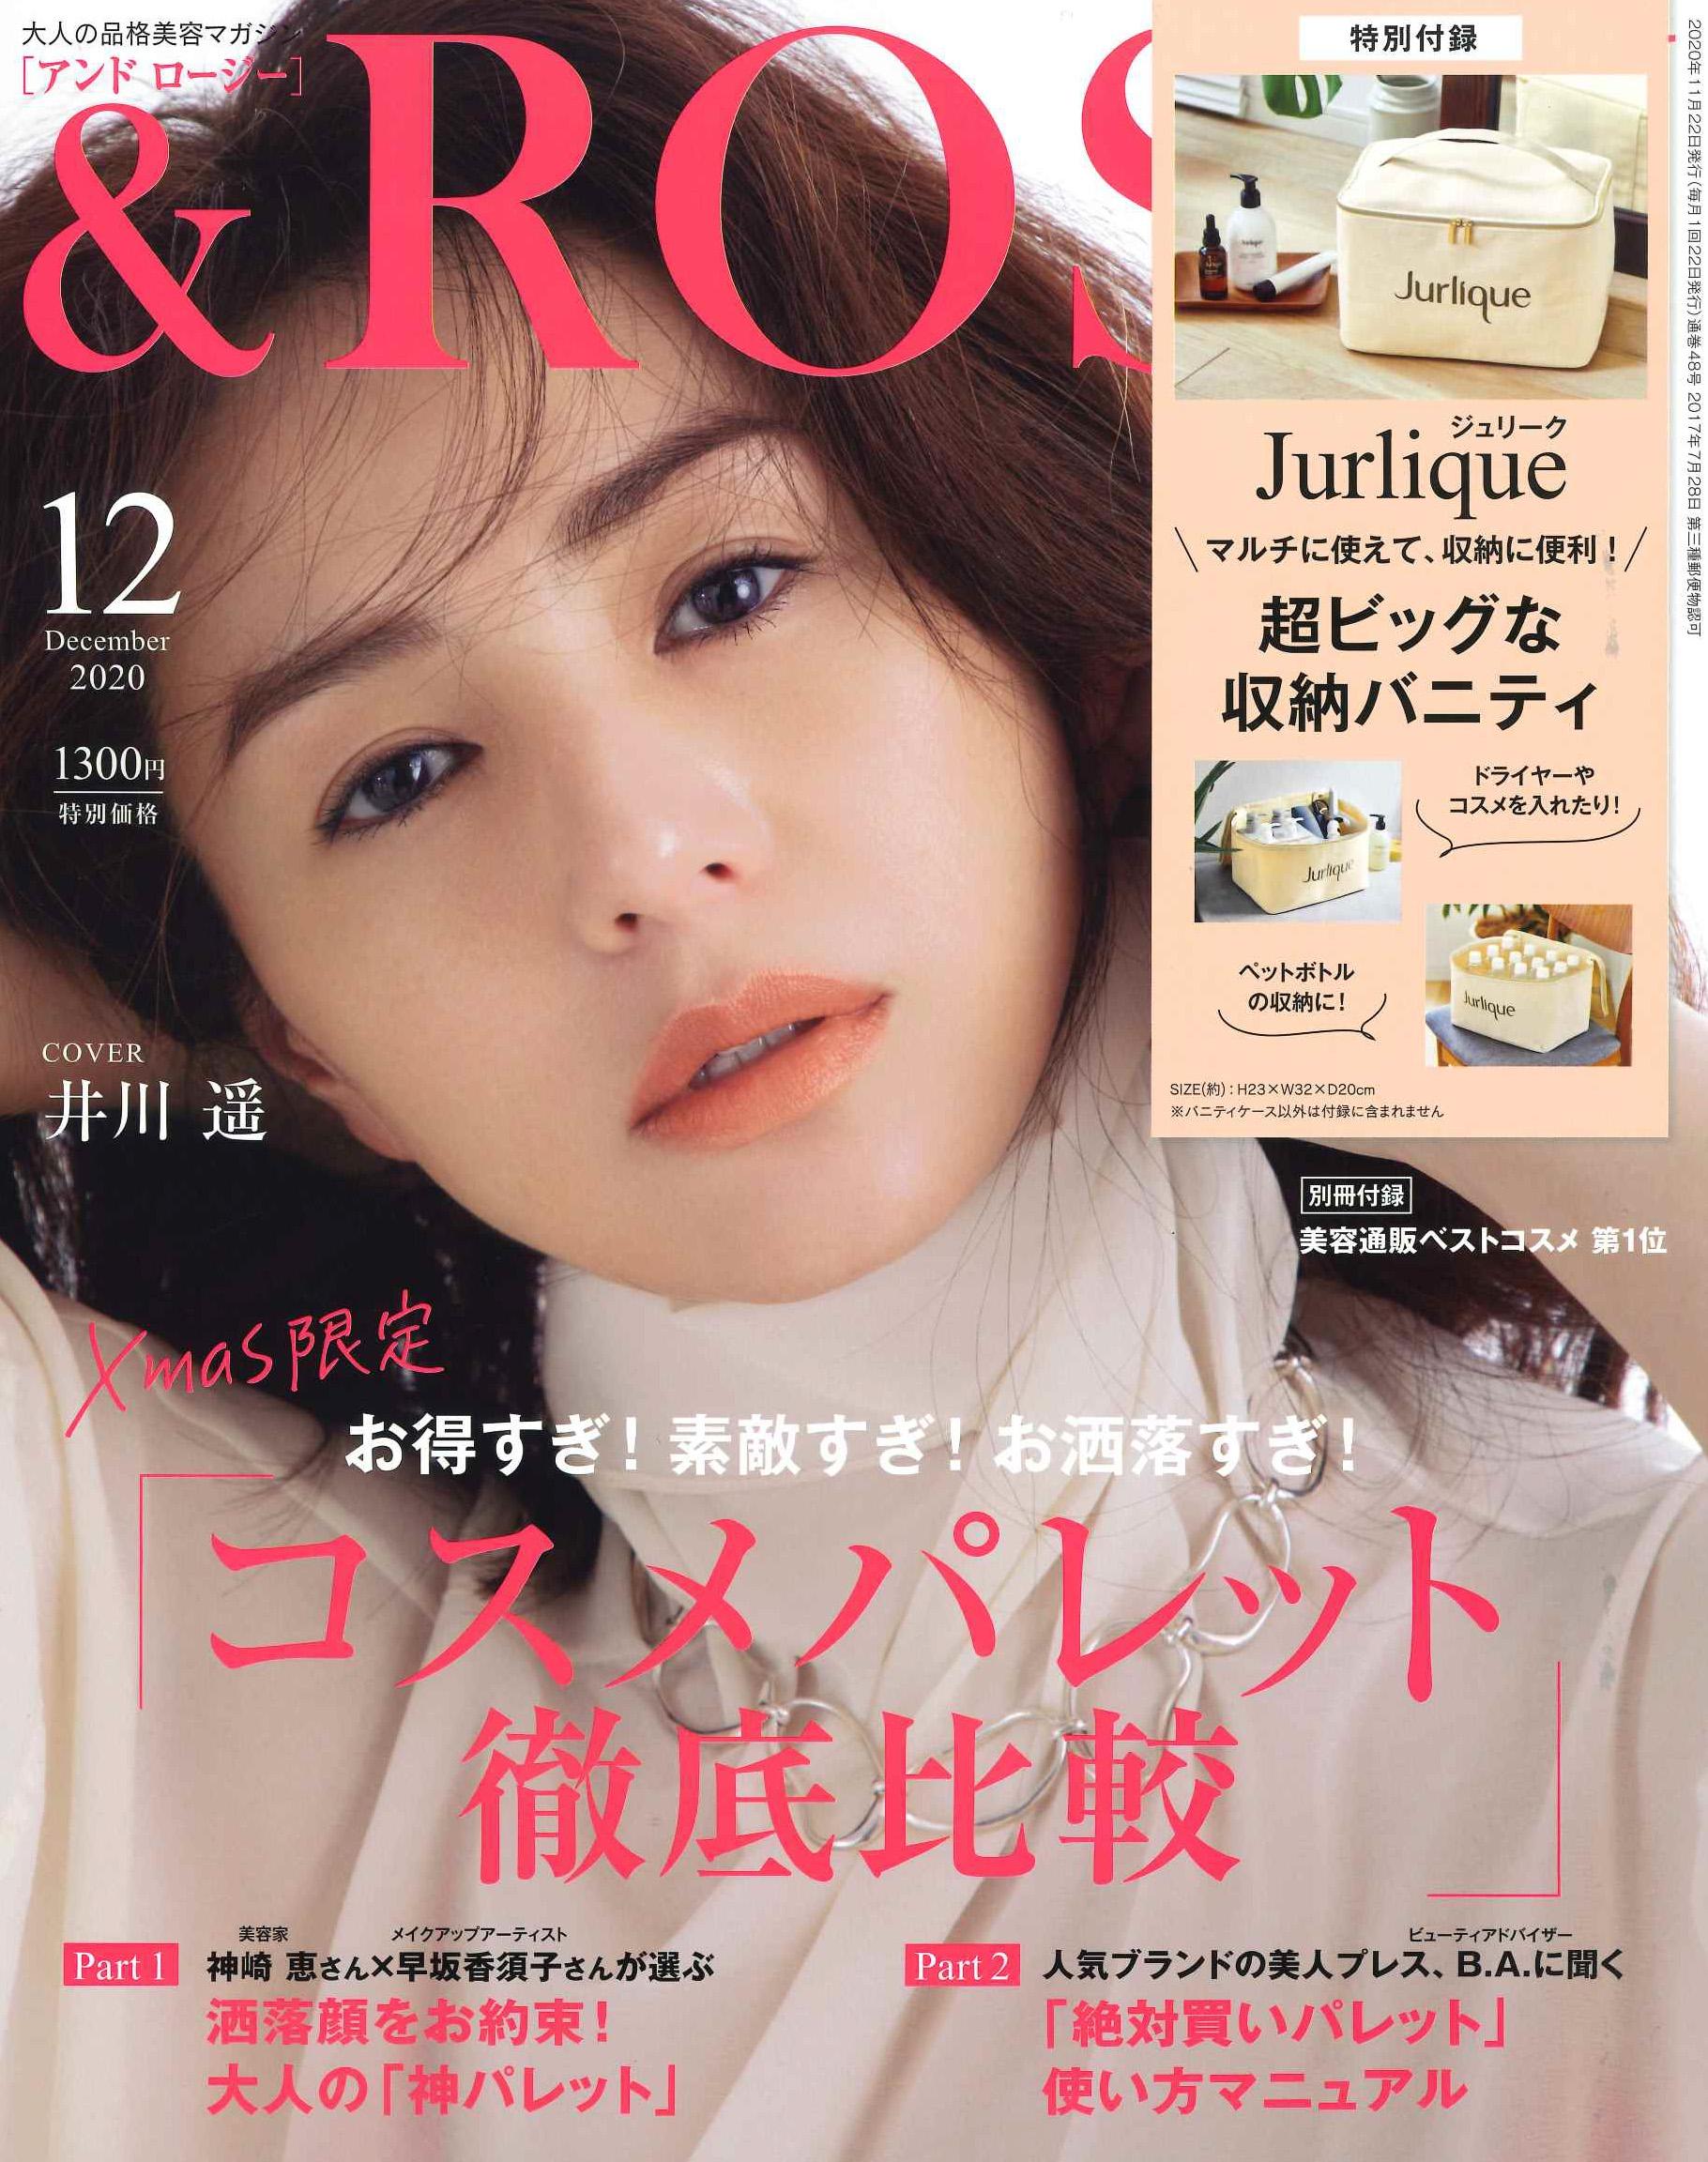 画像は、「&ROSY」2020年12月号(宝島社)